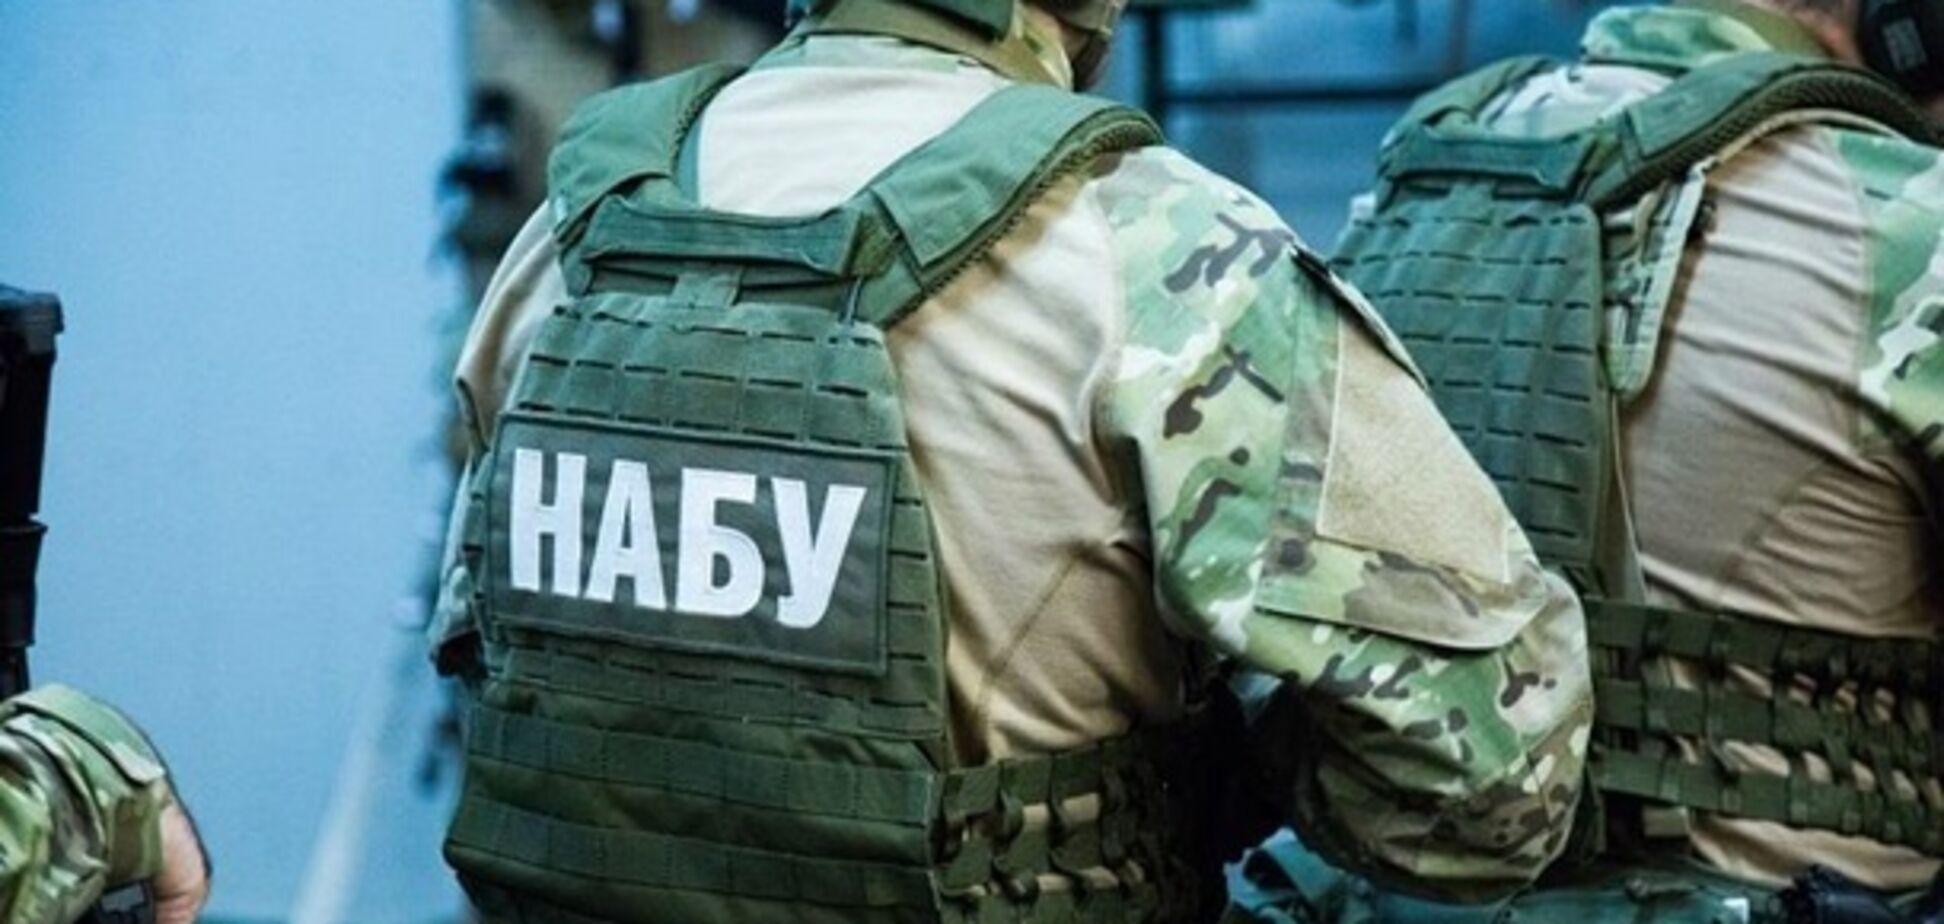 Обыск по просьбе защиты Януковича: действиям НАБУ дали жесткую оценку